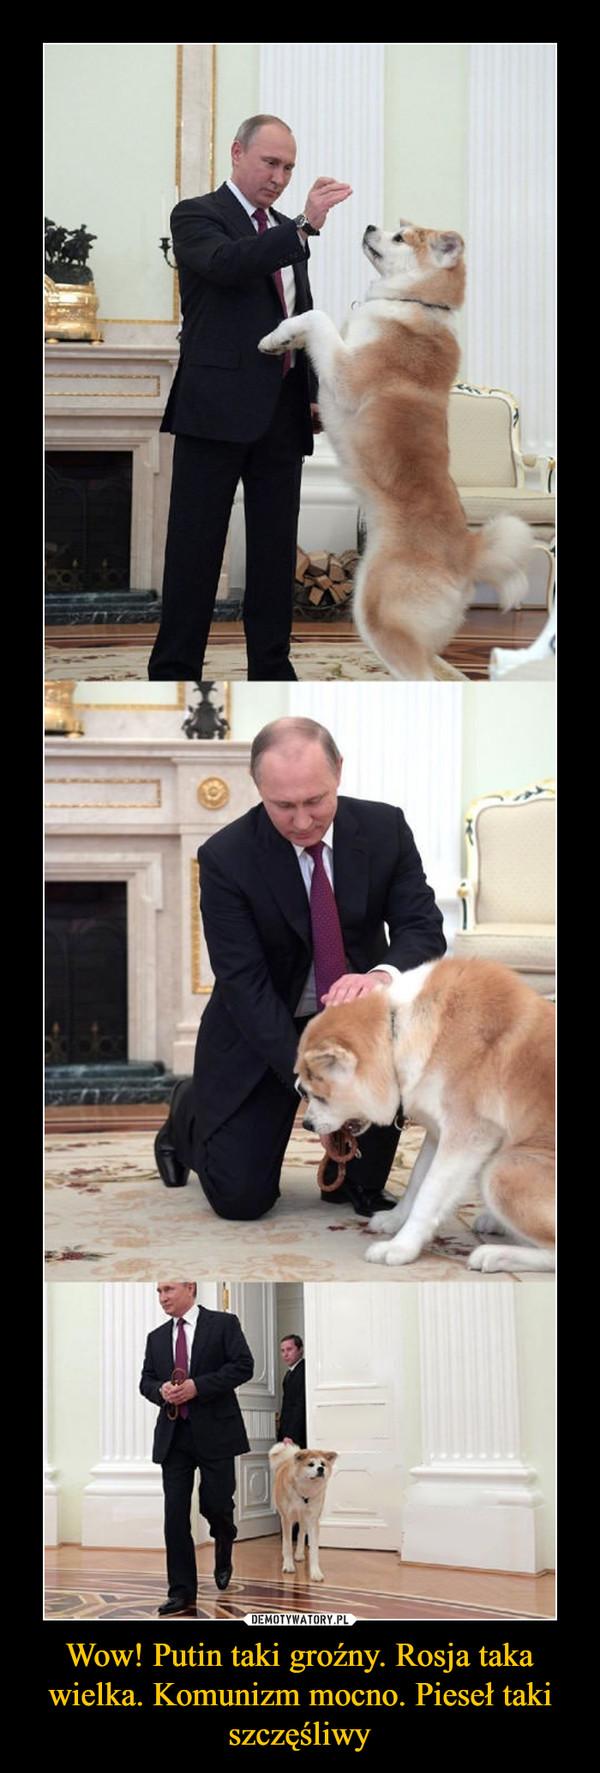 Wow! Putin taki groźny. Rosja taka wielka. Komunizm mocno. Pieseł taki szczęśliwy –